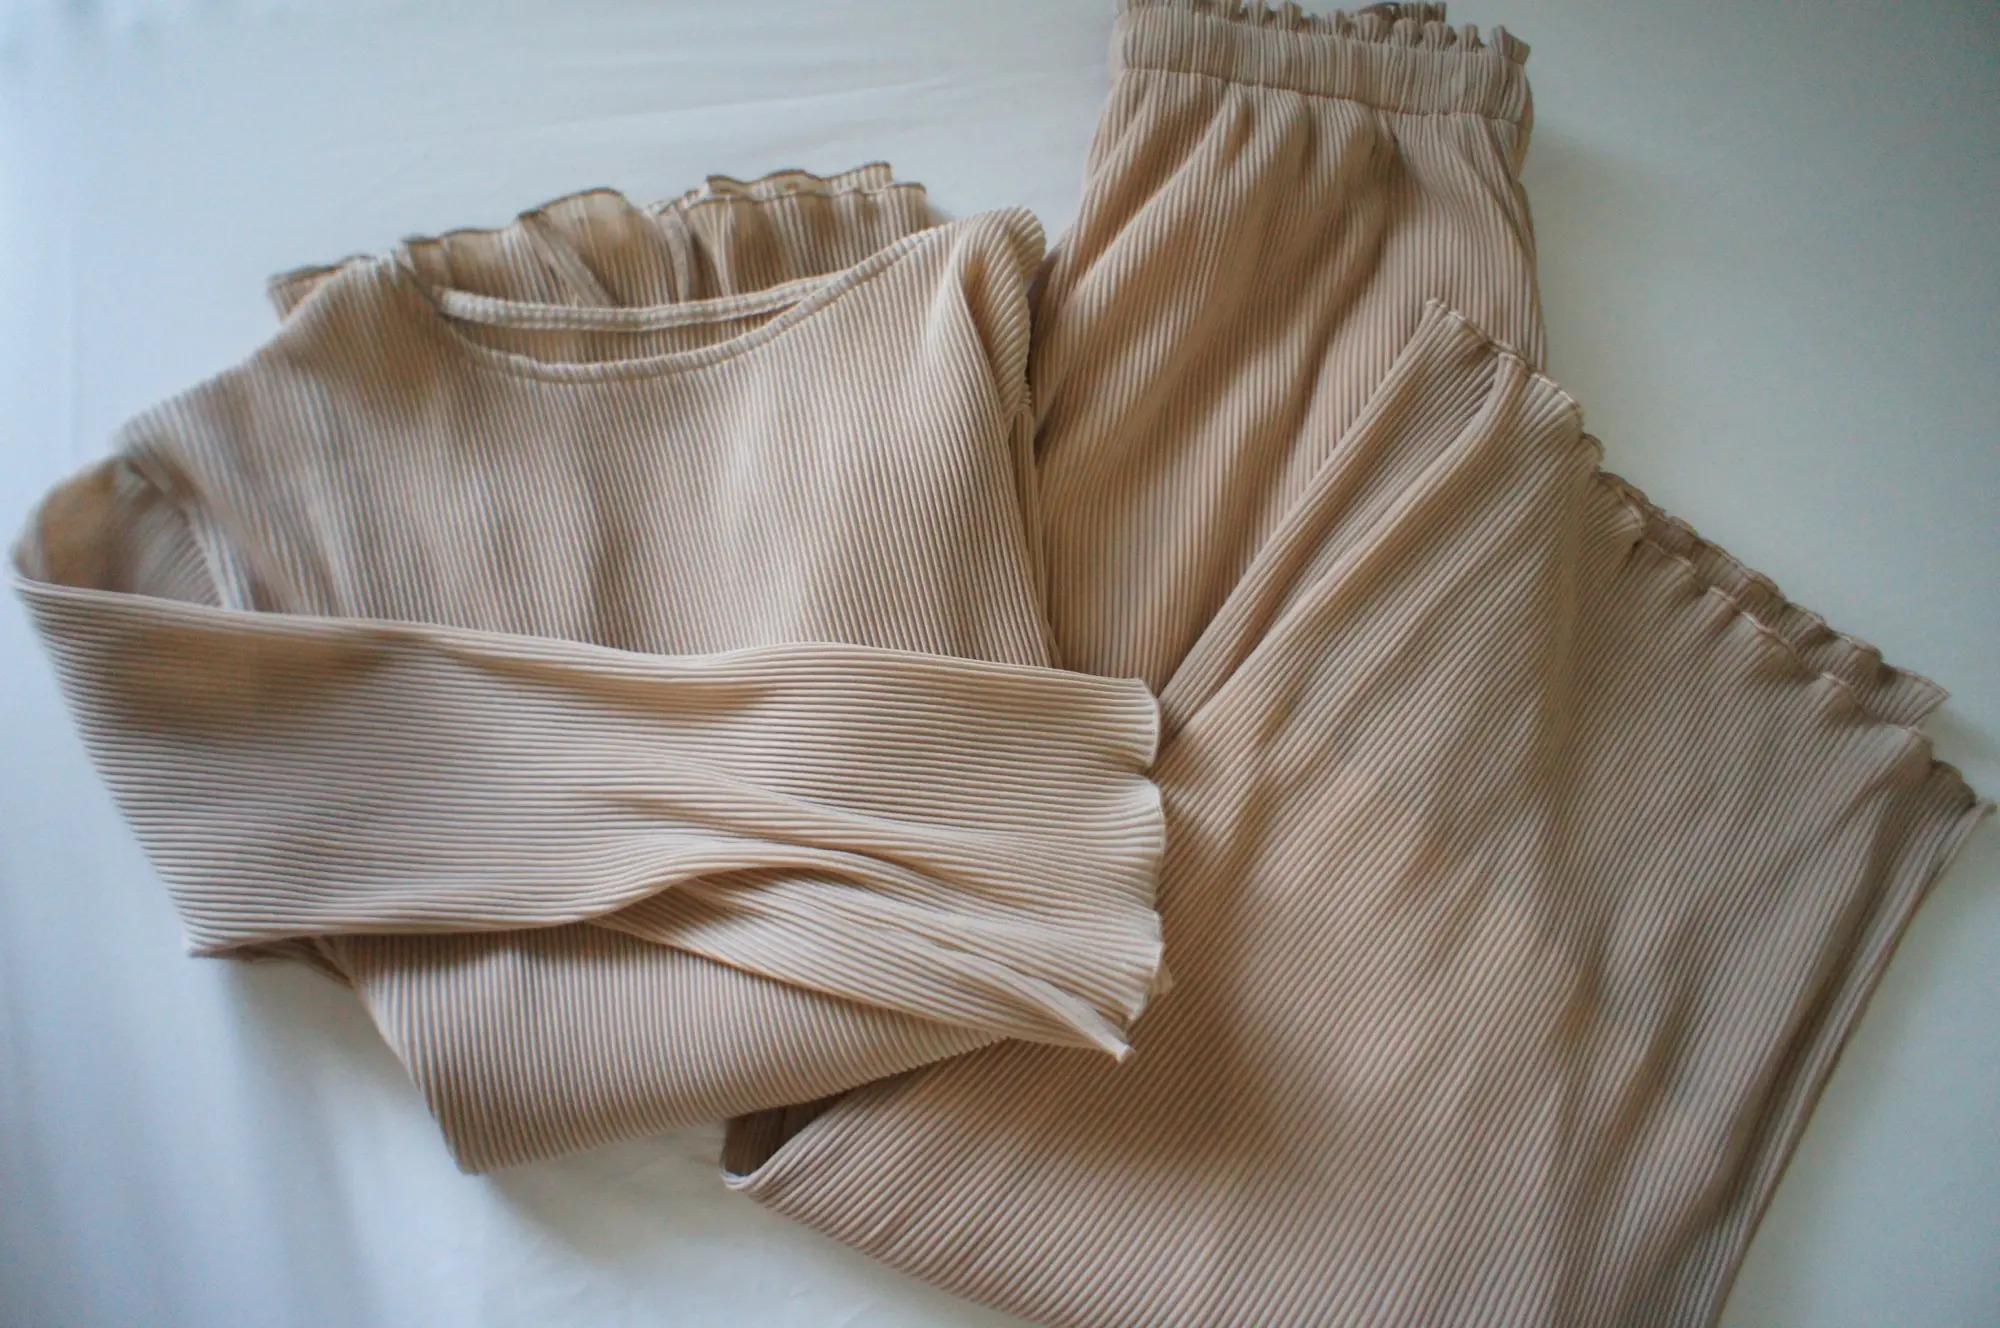 『バーバリー』のポケットバッグを愛用♡ 『GU 』のセットアップも【今週のMOREインフルエンサーズファッション人気ランキング】_2